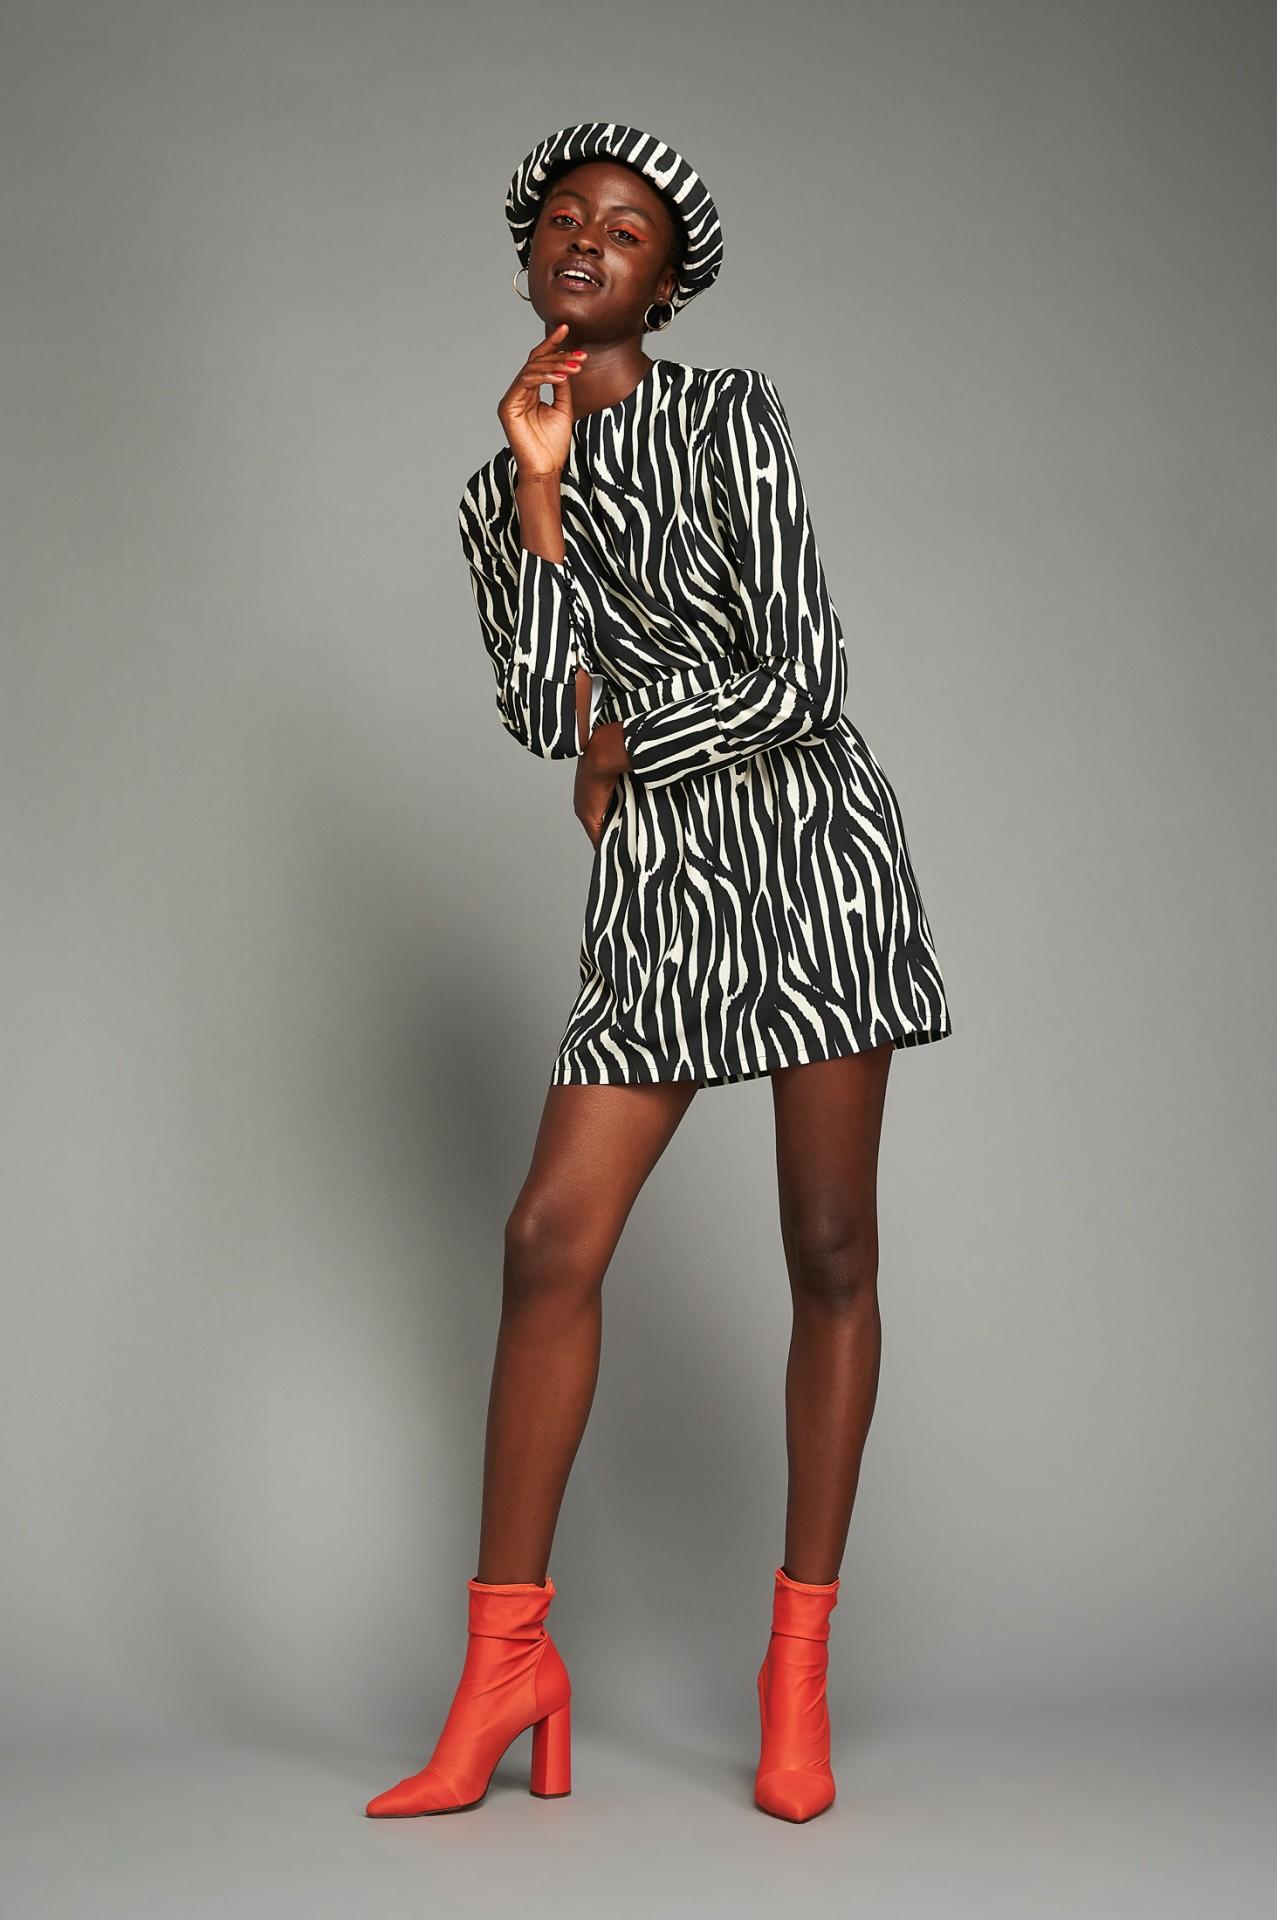 MILAN DRESS - KARAVAN CLOTHING